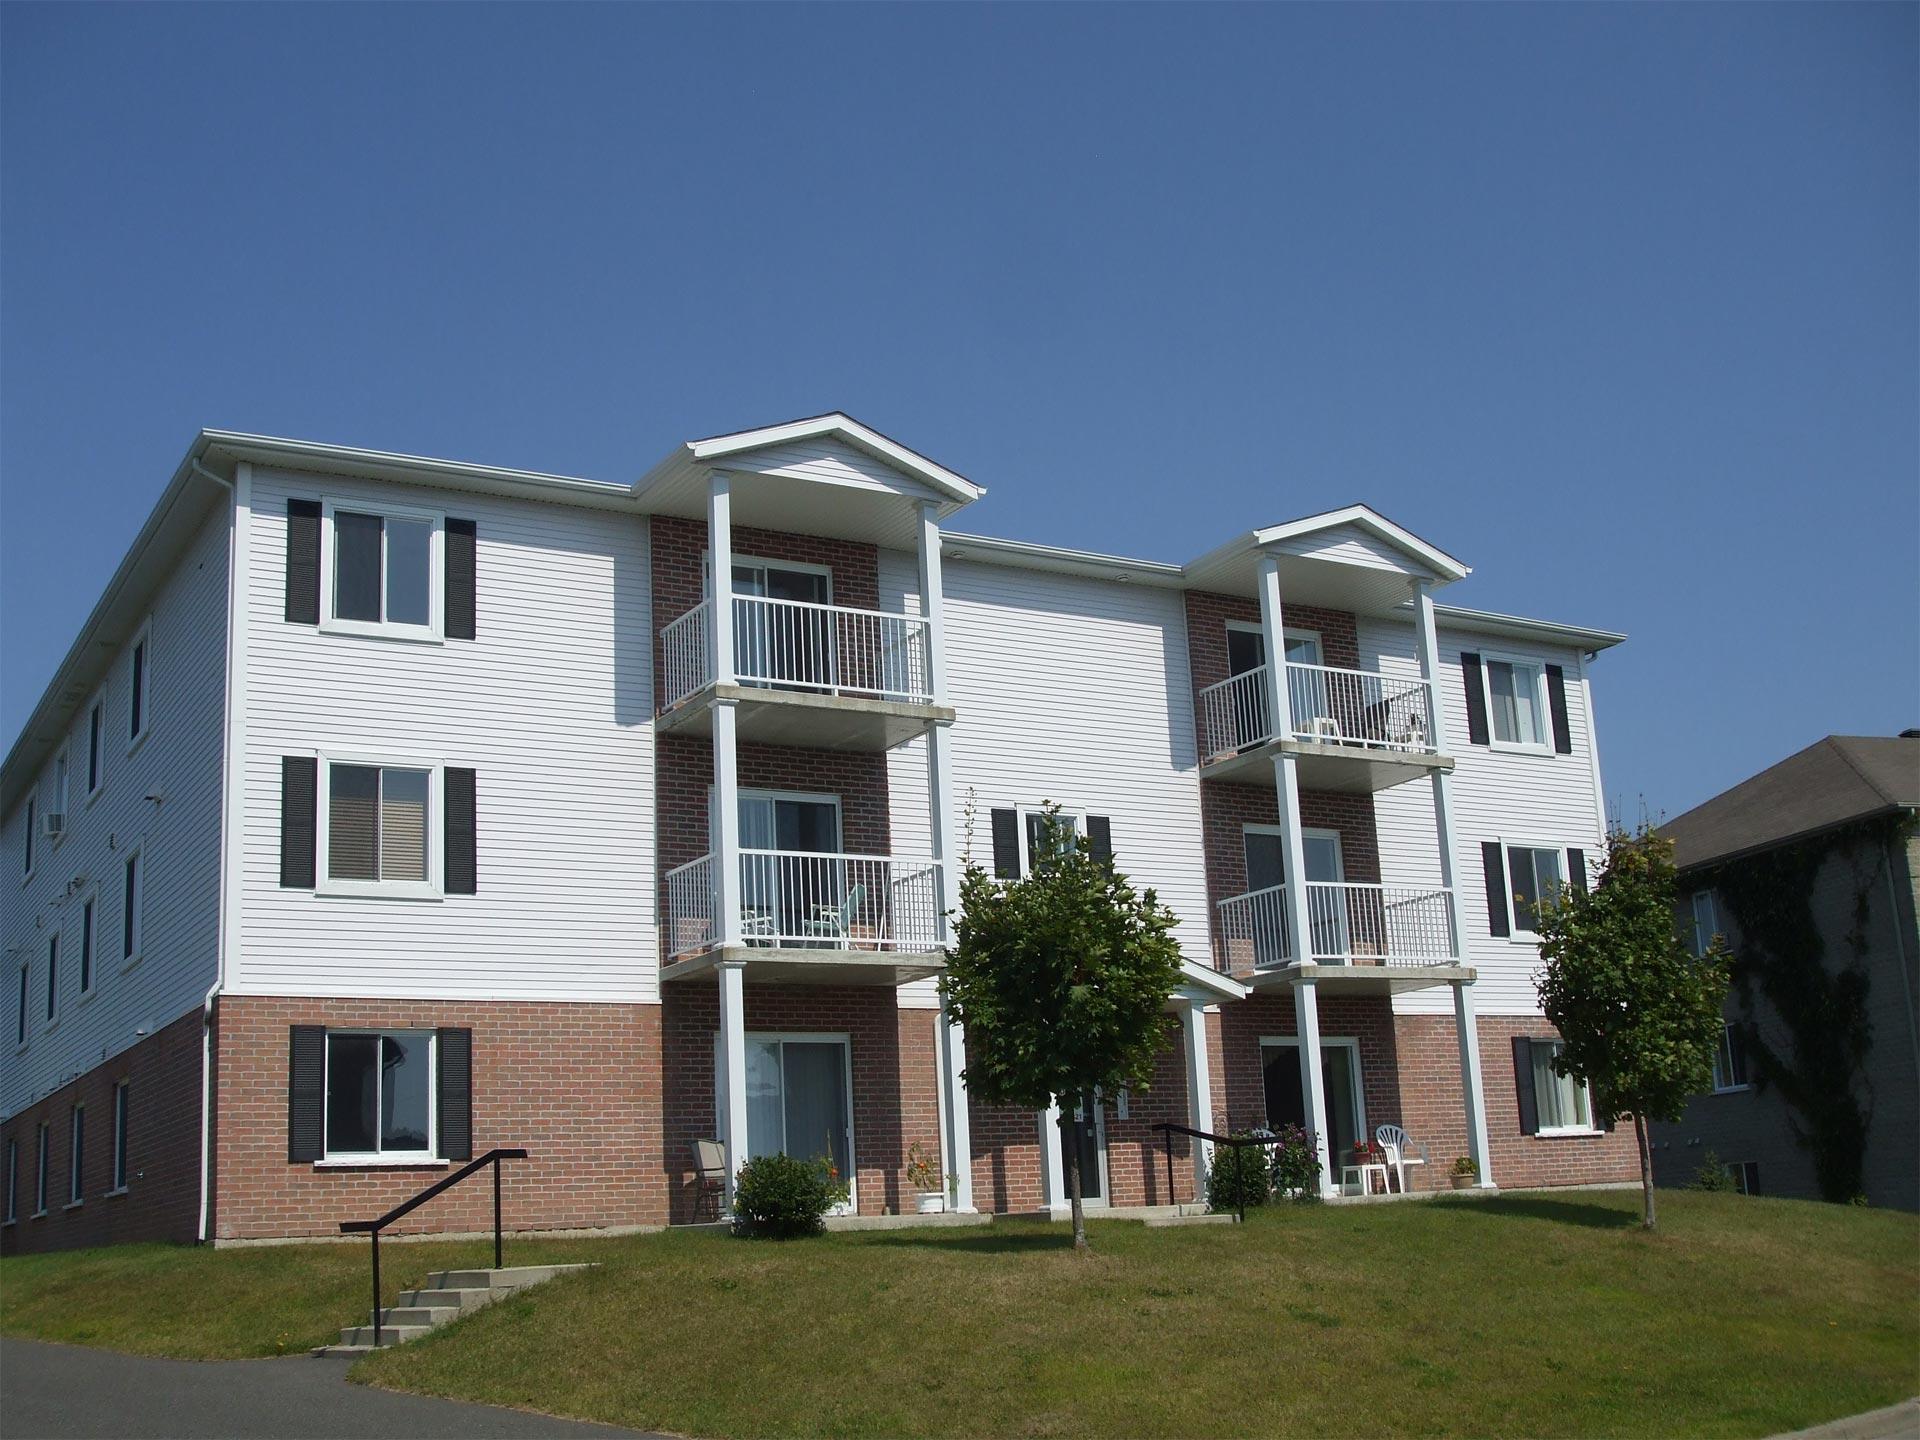 appartement-granby-299-le-dozois-immeuble-retouche.jpg